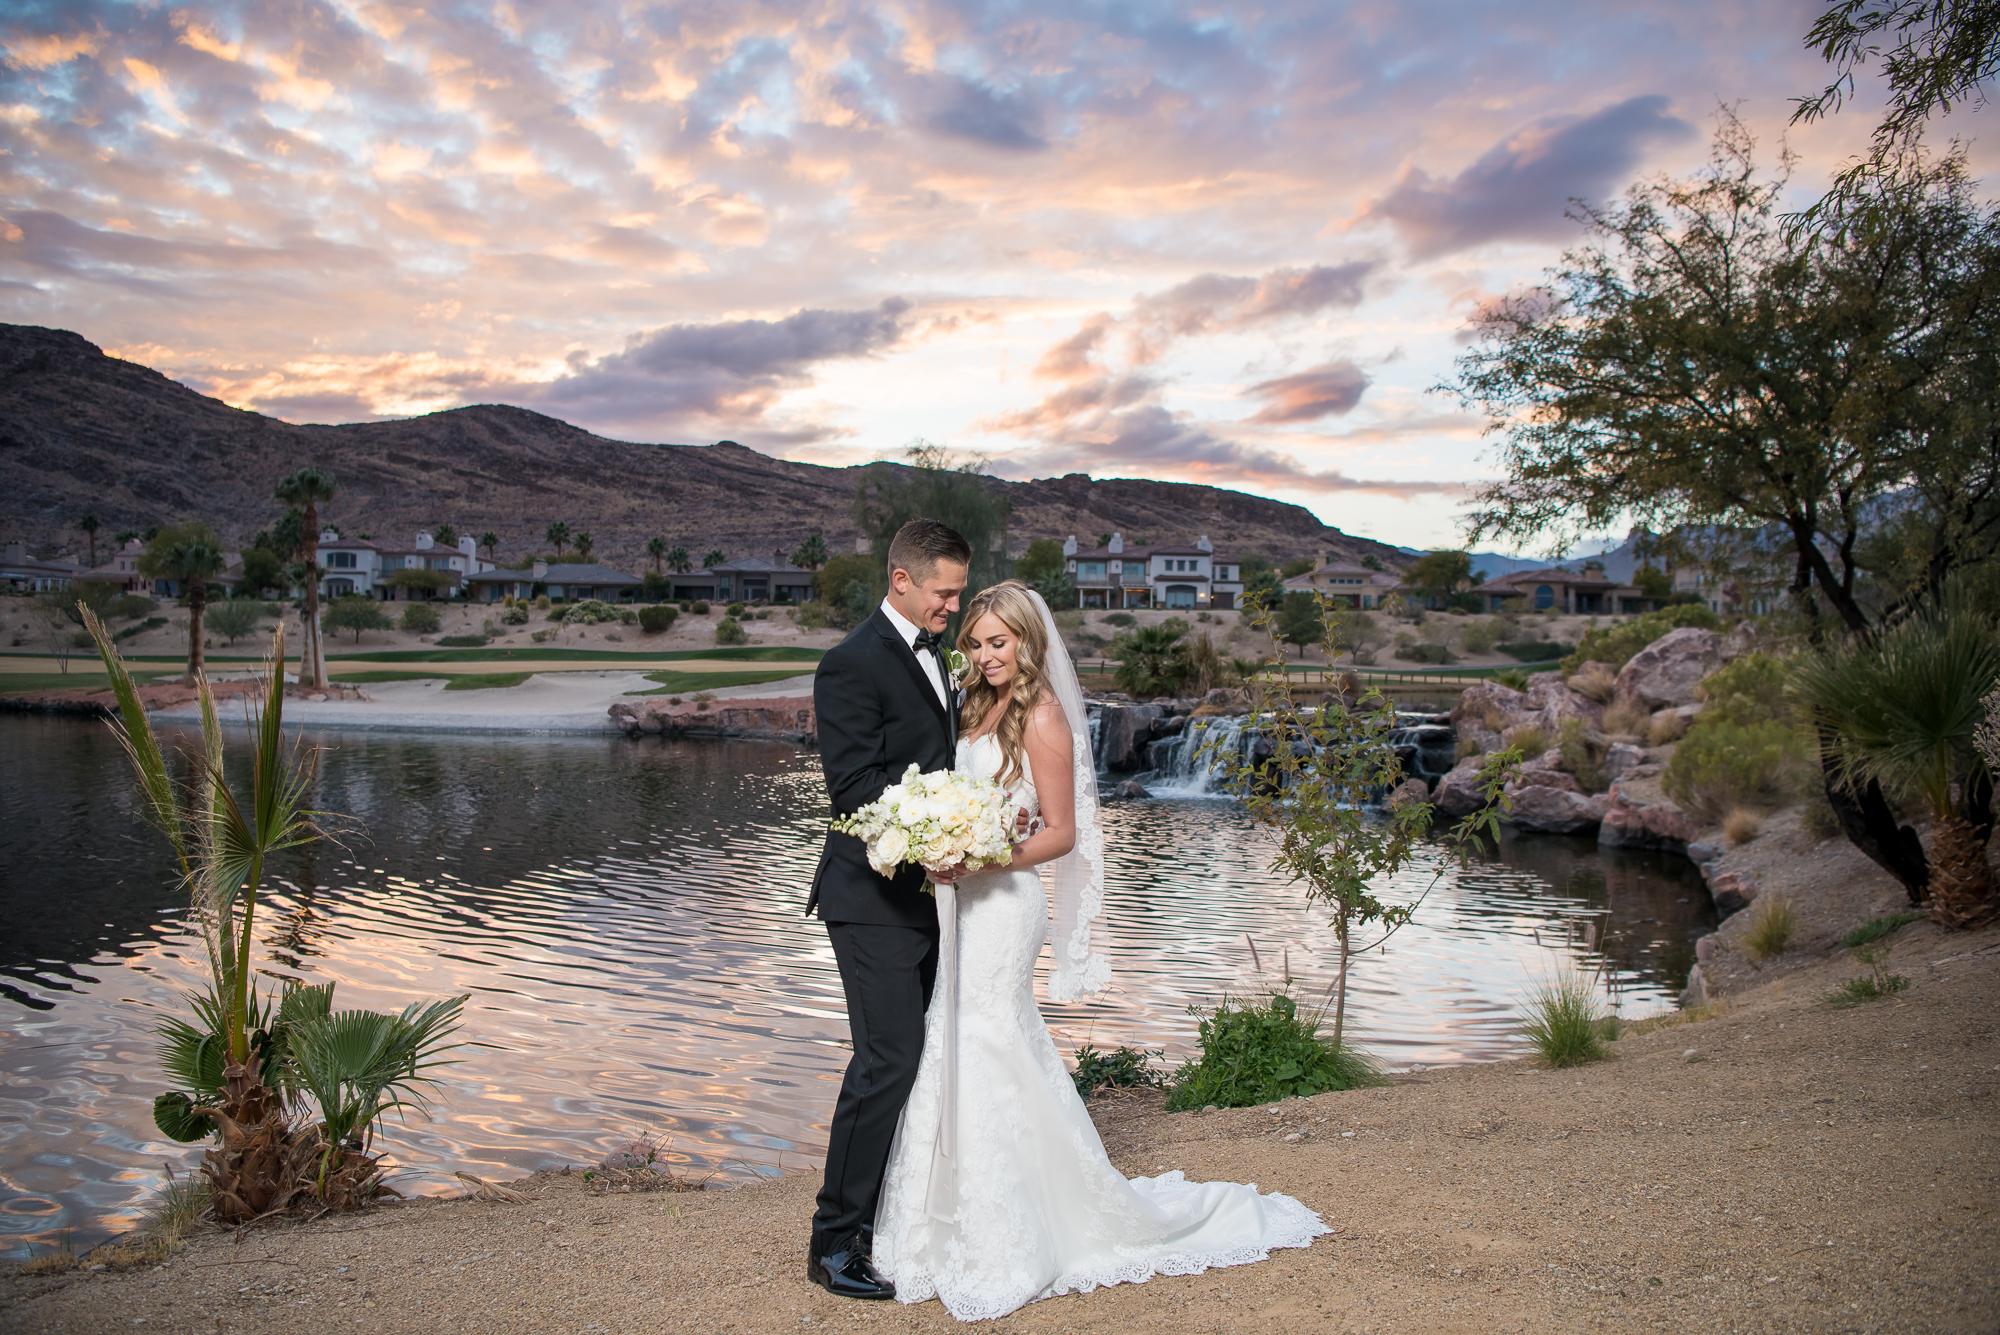 las vegas wedding planner angelica rose events new york mets player paul sewald.jpg